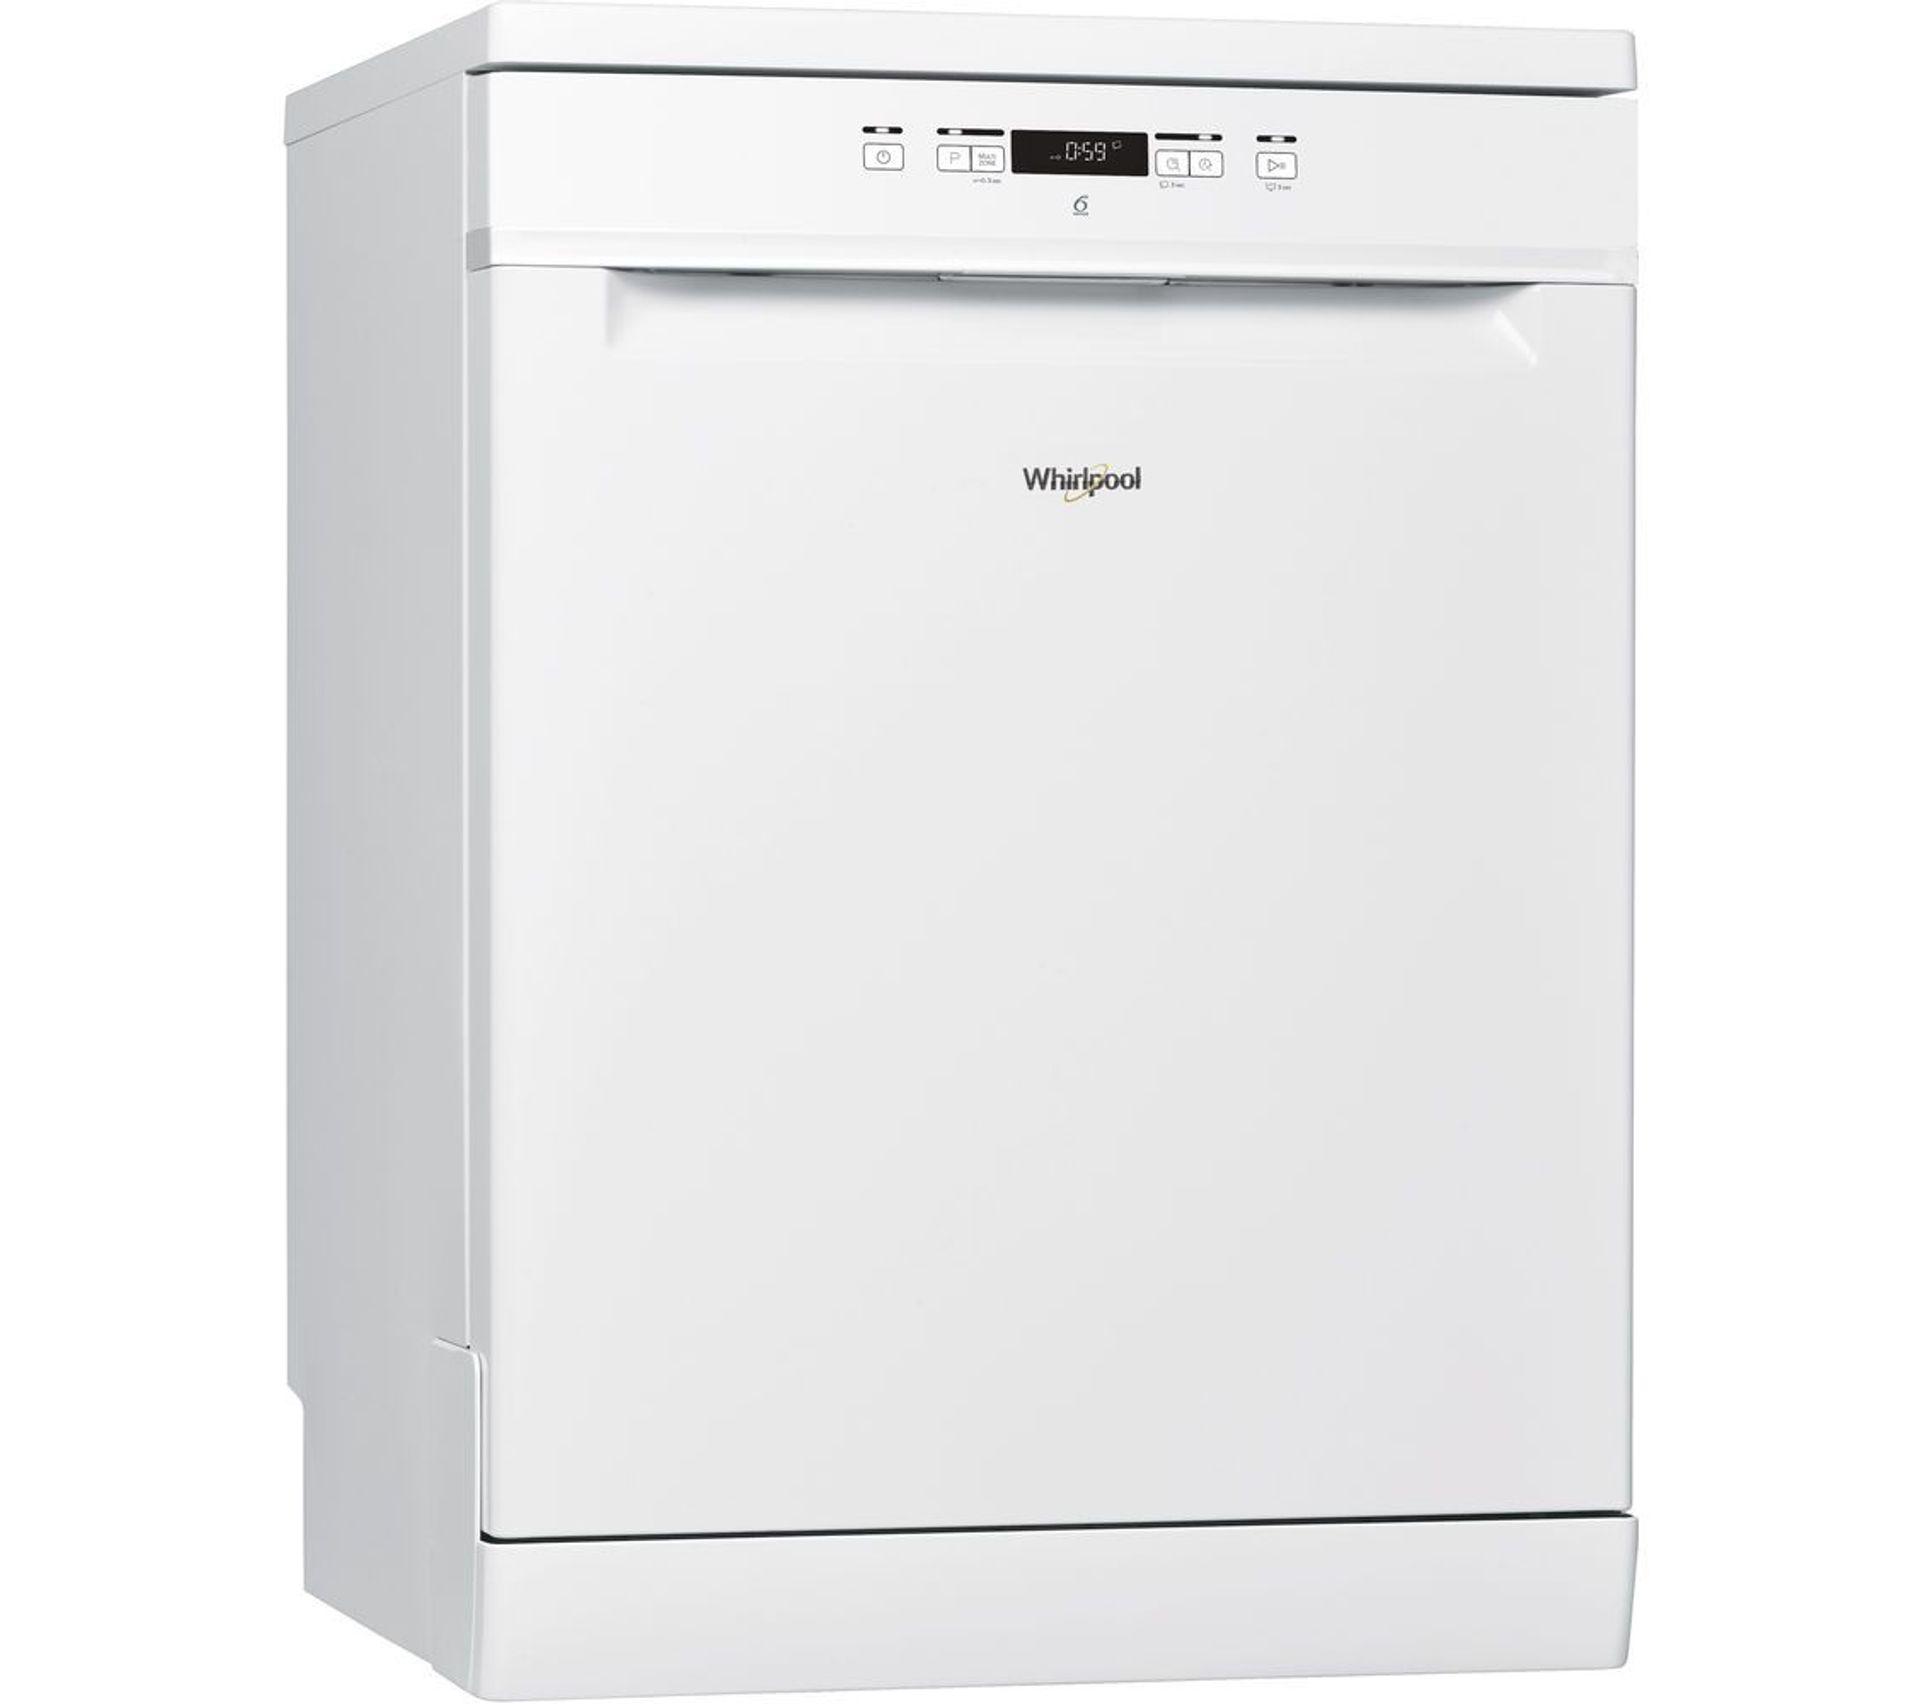 Filtre Piscine Lave Vaisselle lave vaisselle pose libre 14 couverts 46 db a+ - wrfc3c26